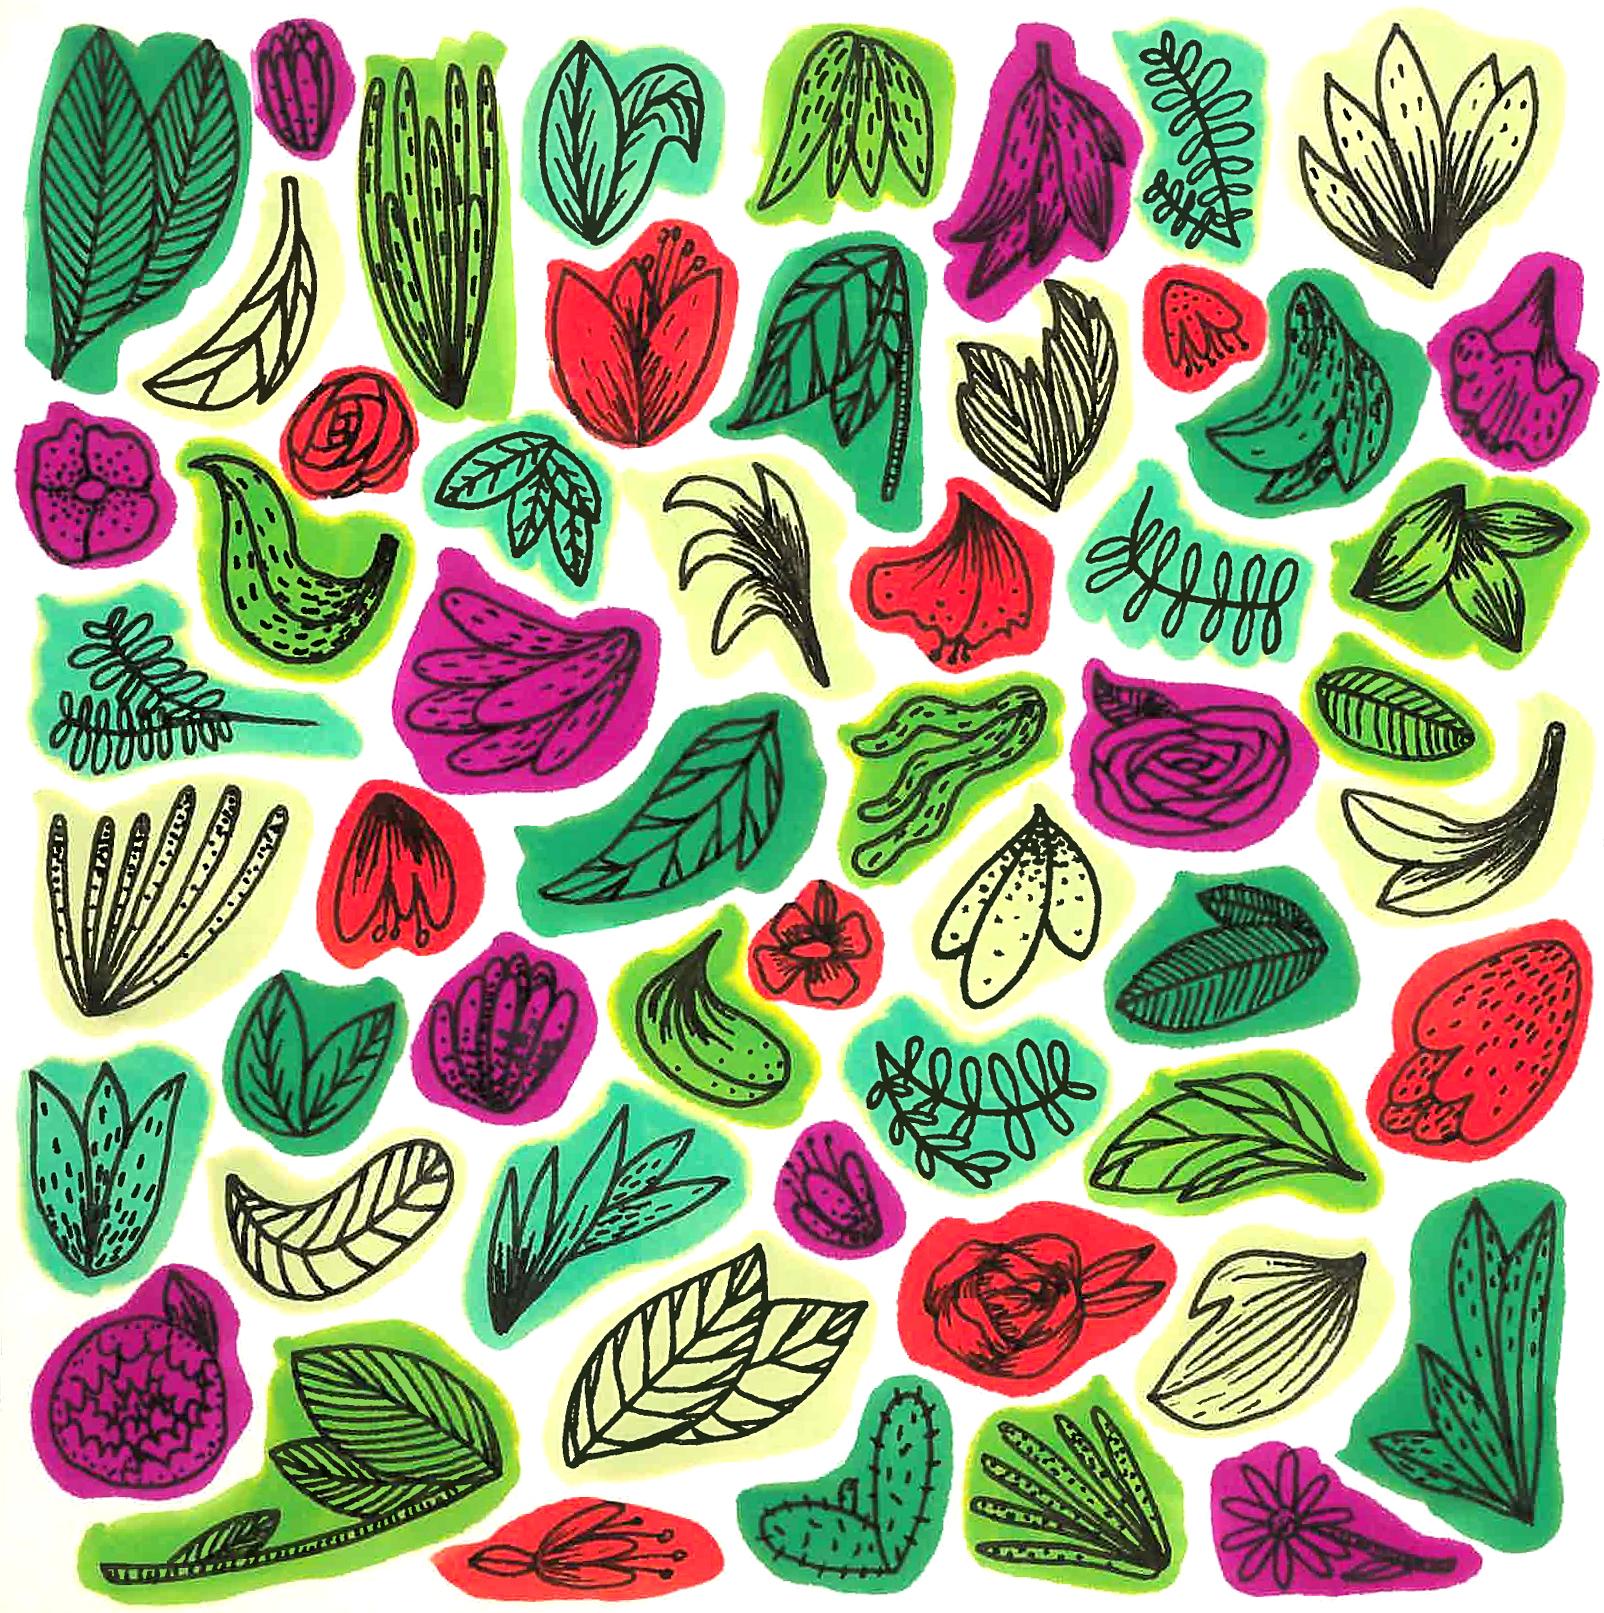 Leaves-pattern-sketchbook.jpg